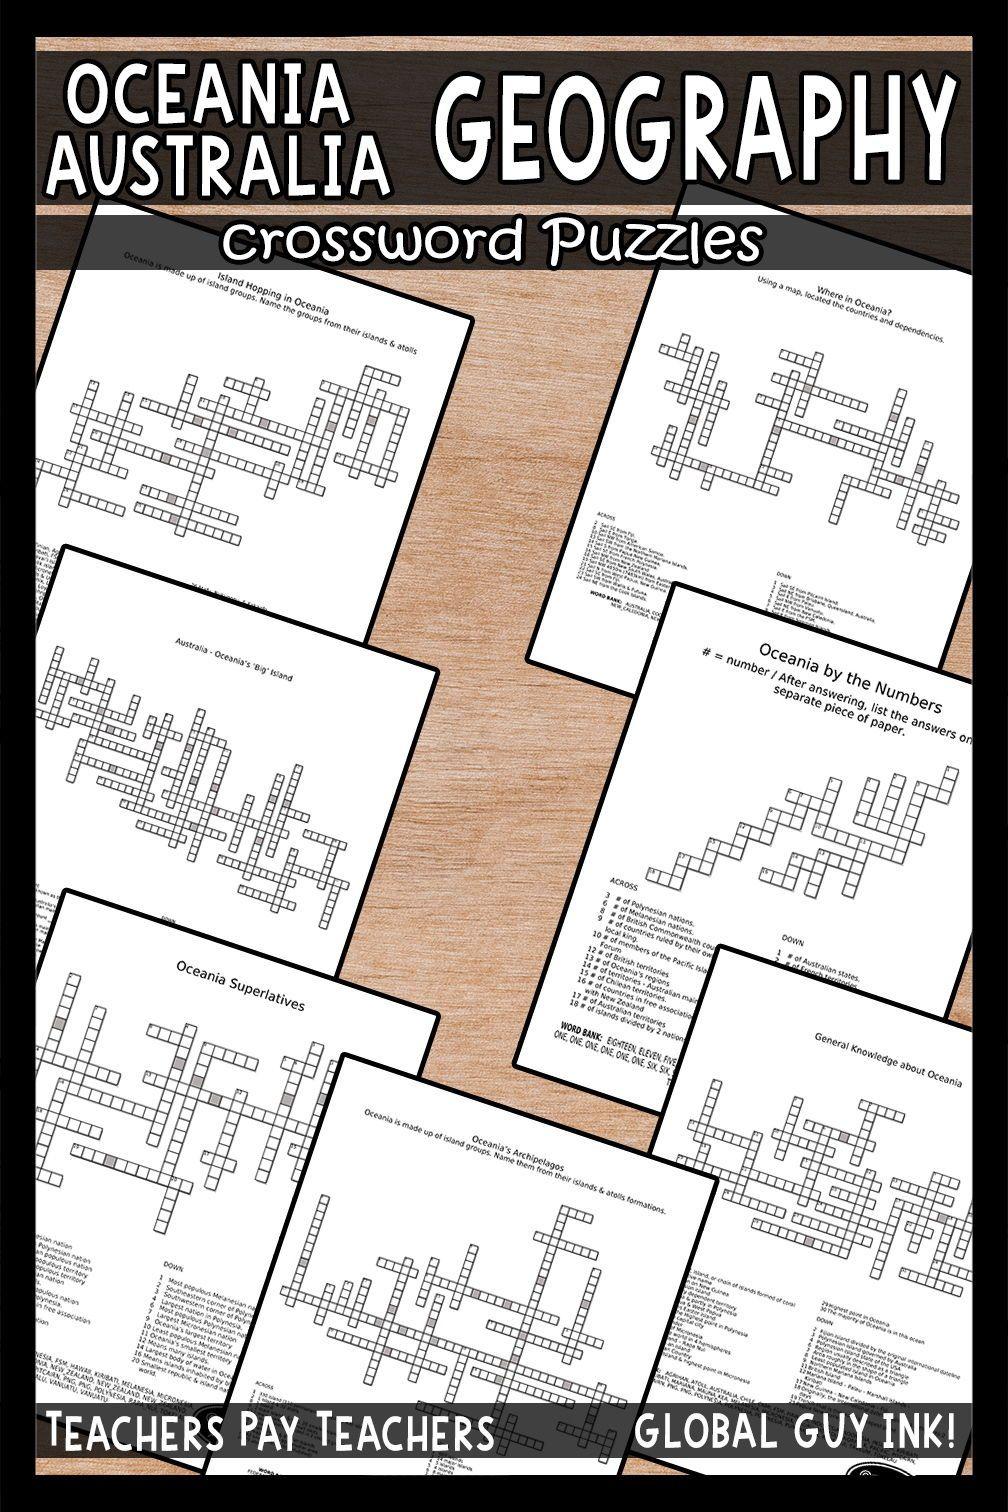 Oceania & Australia Crossword Puzzles Crossword puzzles